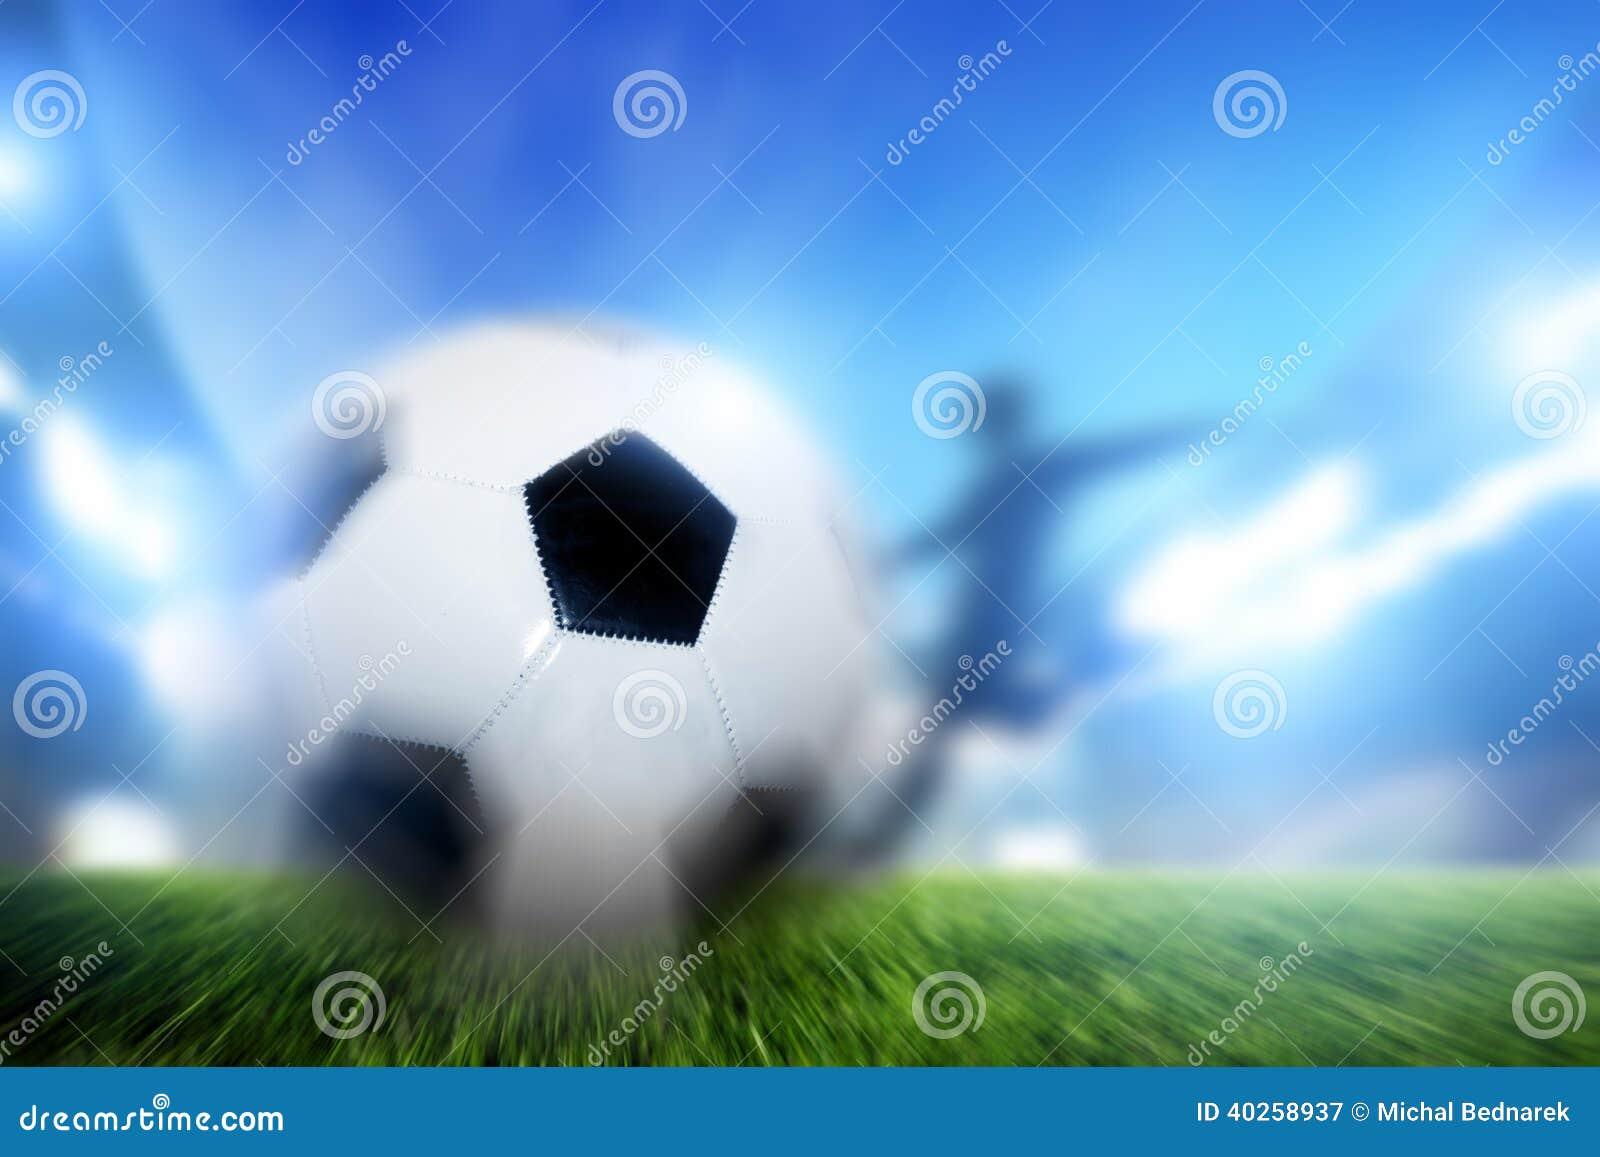 Futbol, mecz piłkarski. Gracz mknąca piłka na celu